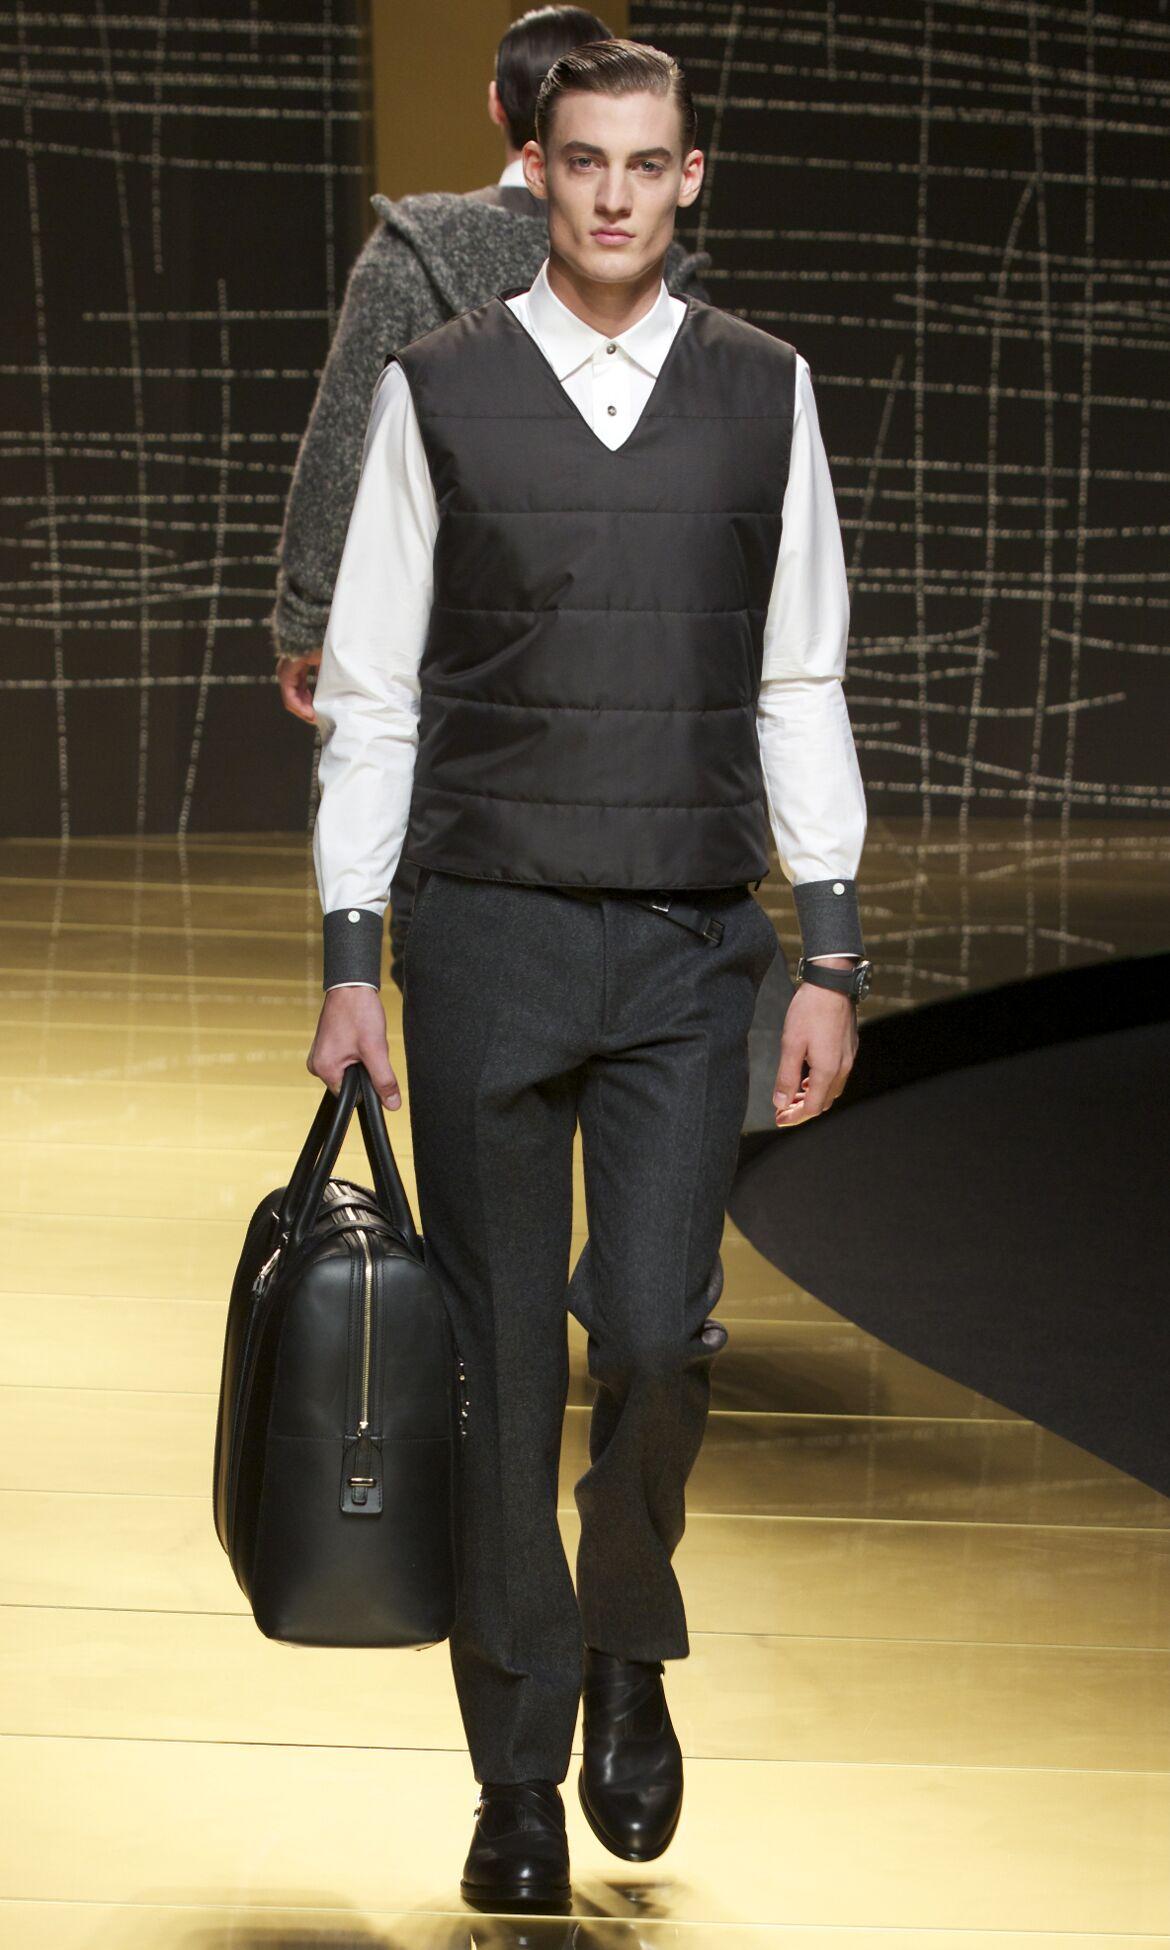 Winter 2013 Fashion Show Ermenegildo Zegna